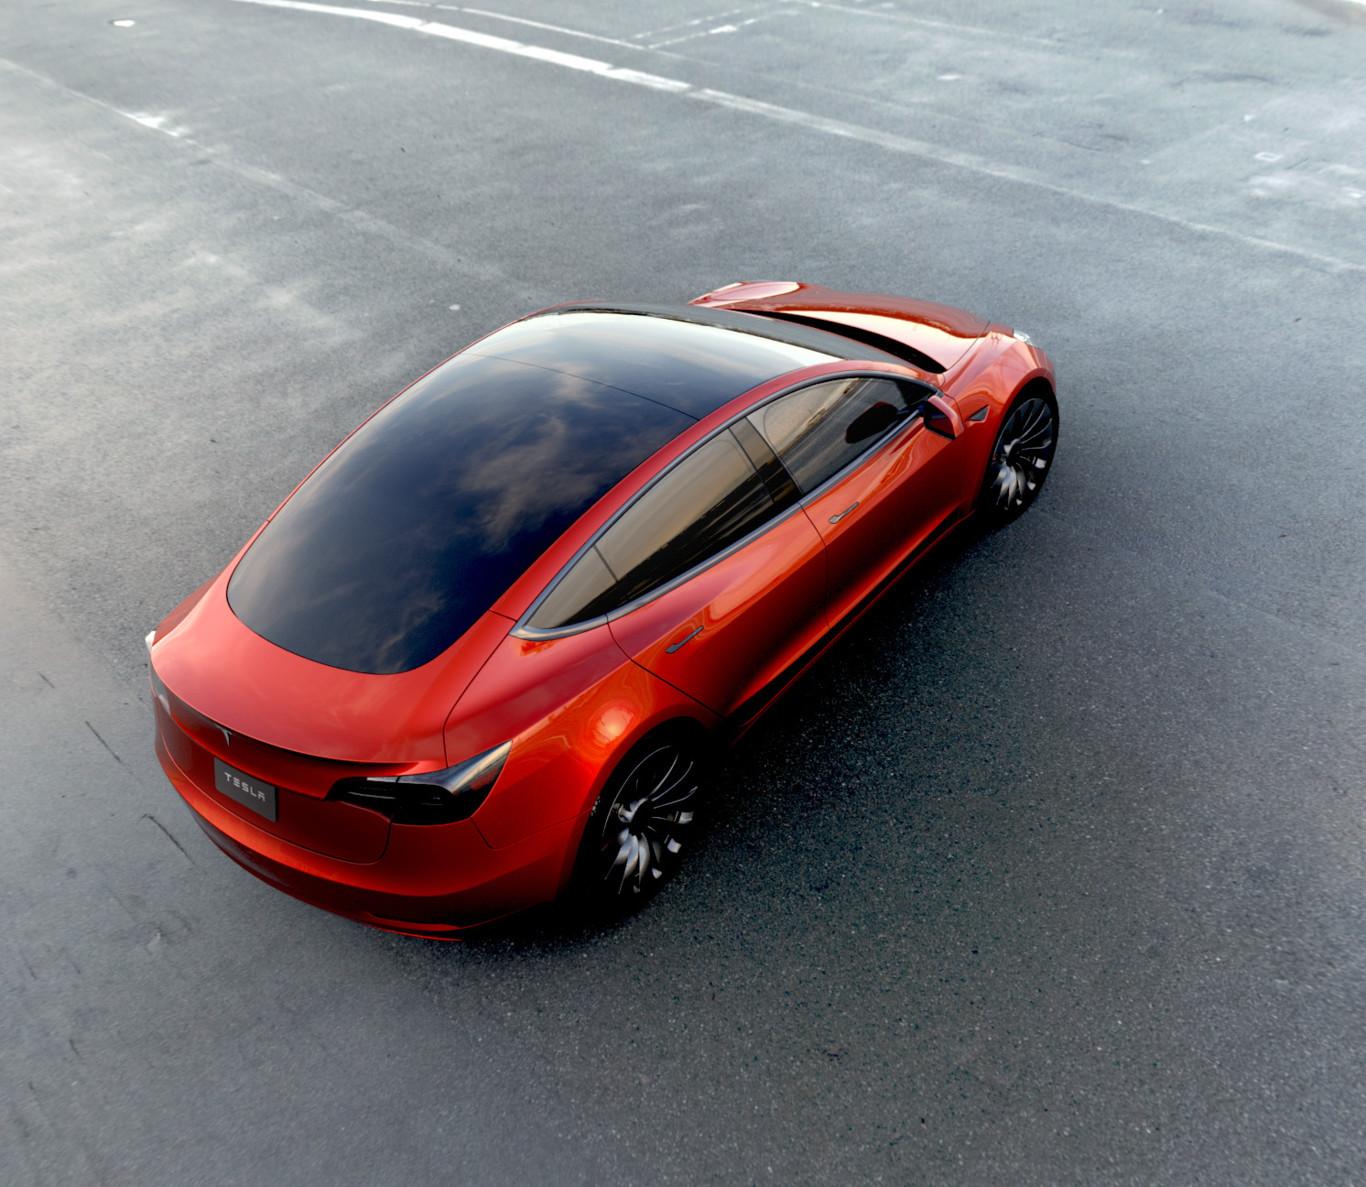 ¡Ya está aquí el Tesla Model 3! El eléctrico de 35.000 dólares y 346 kilómetros de autonomía 3